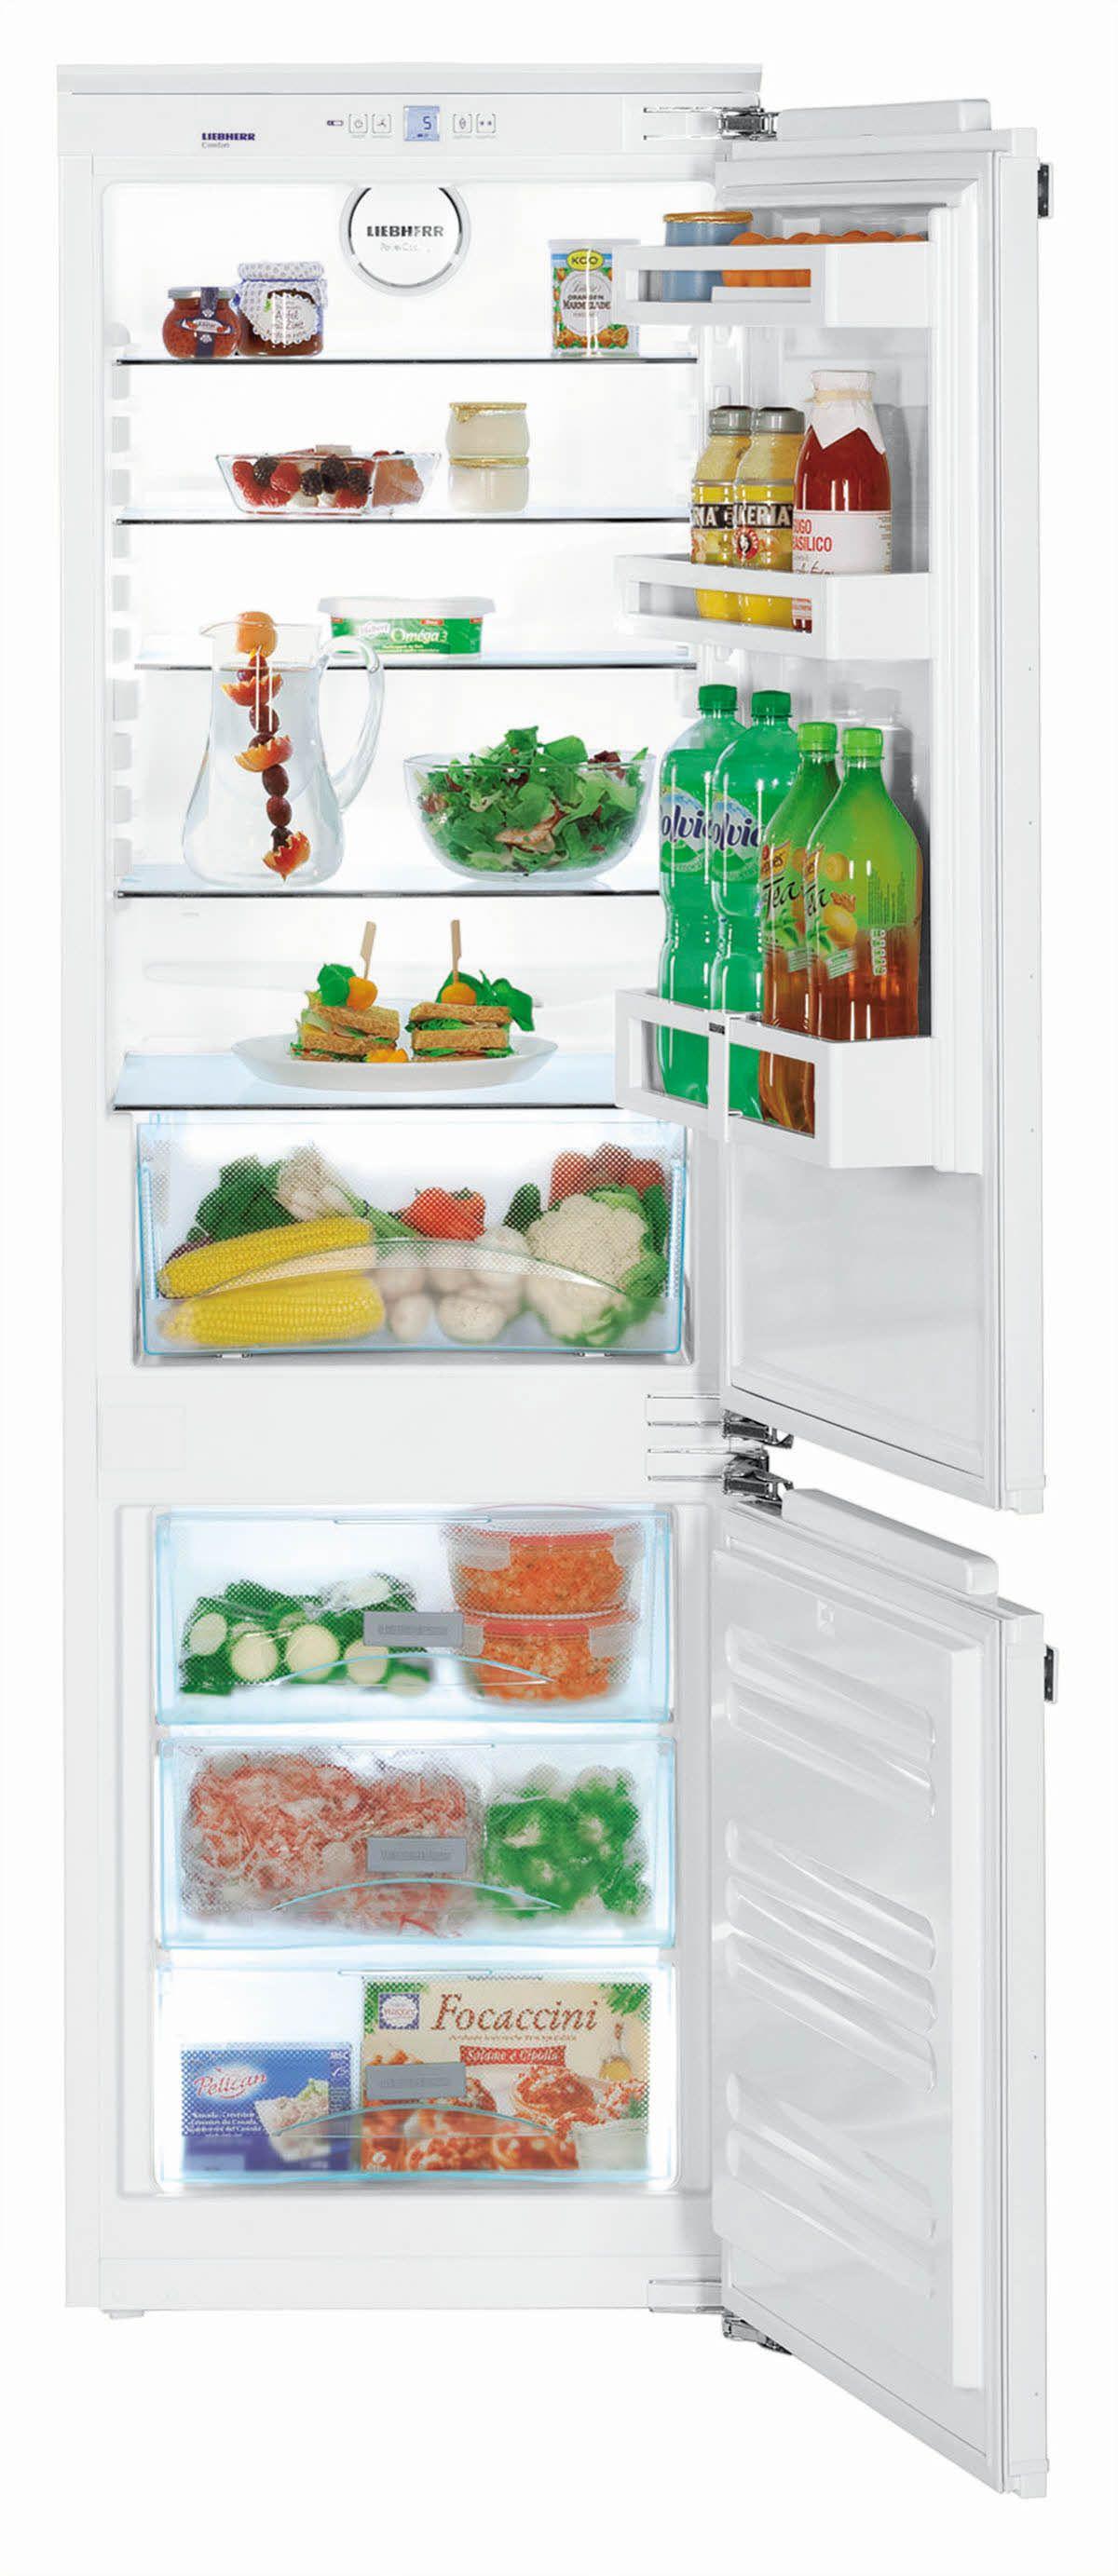 Встраиваемый холодильник LIEBHERR ICUS 3314-20 001 от Ravta